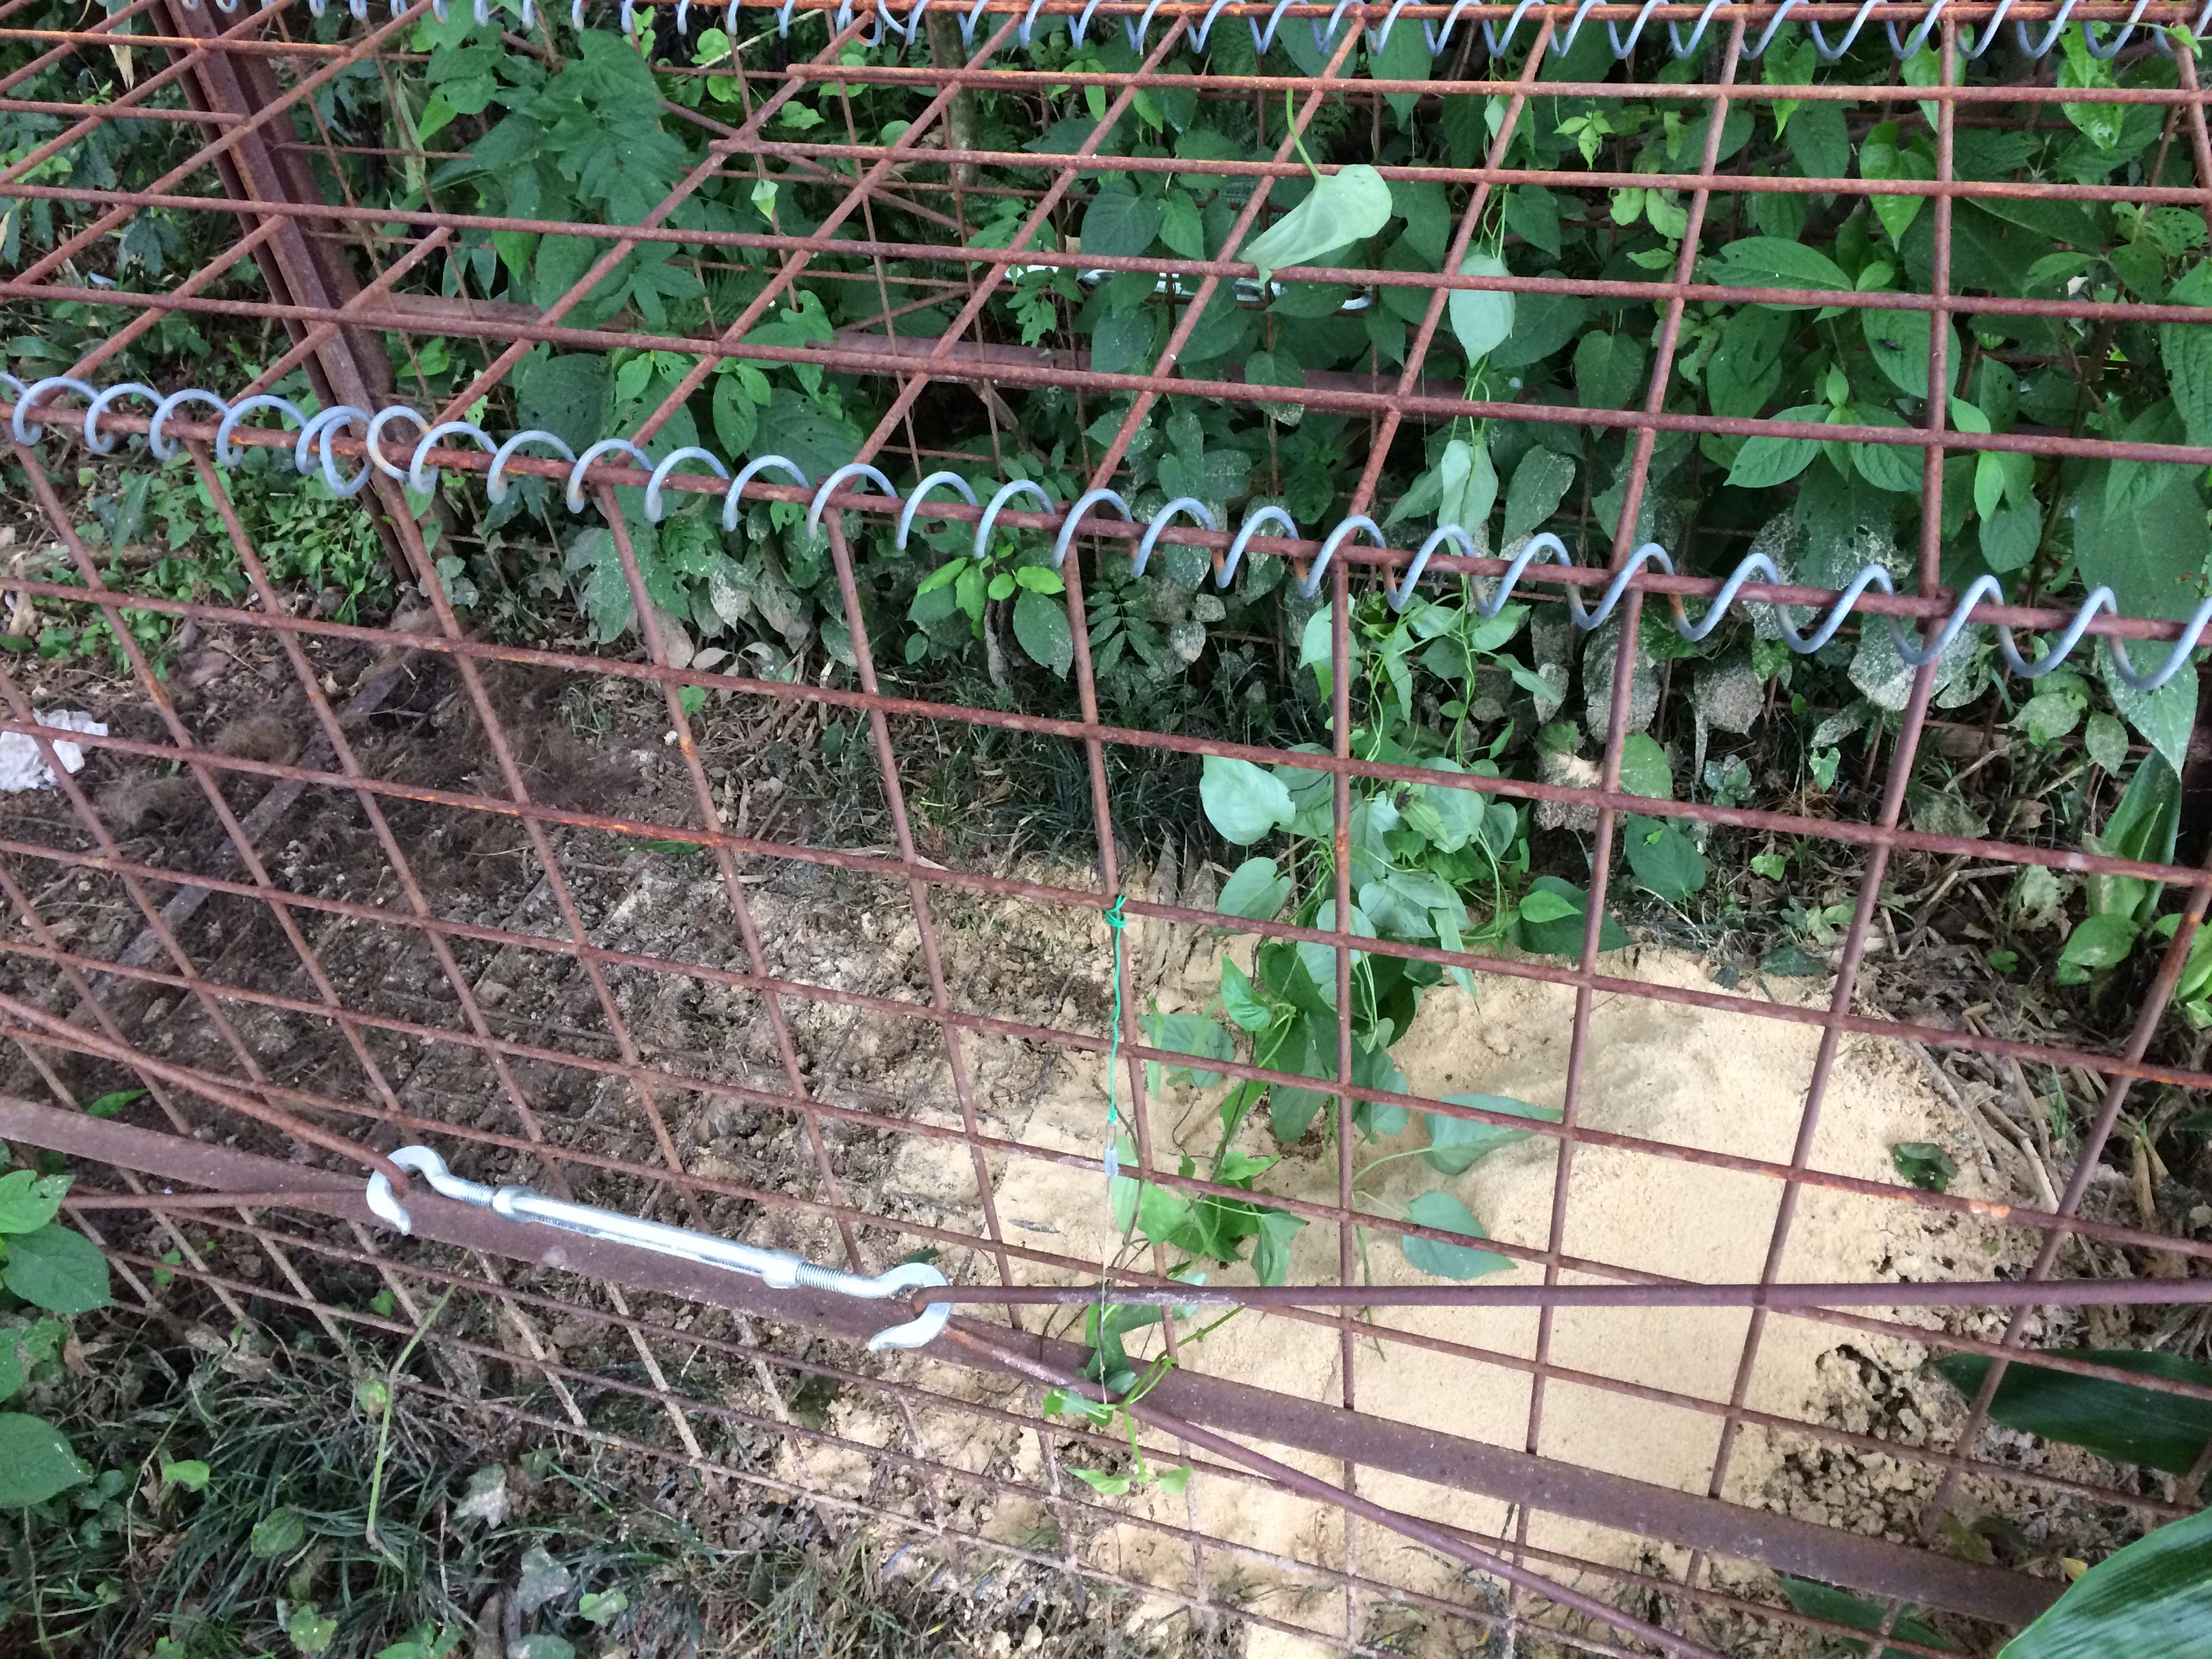 【罠猟】食べ跡から判別できる獲物の例(イノシシ、たぬき、アナグマ)